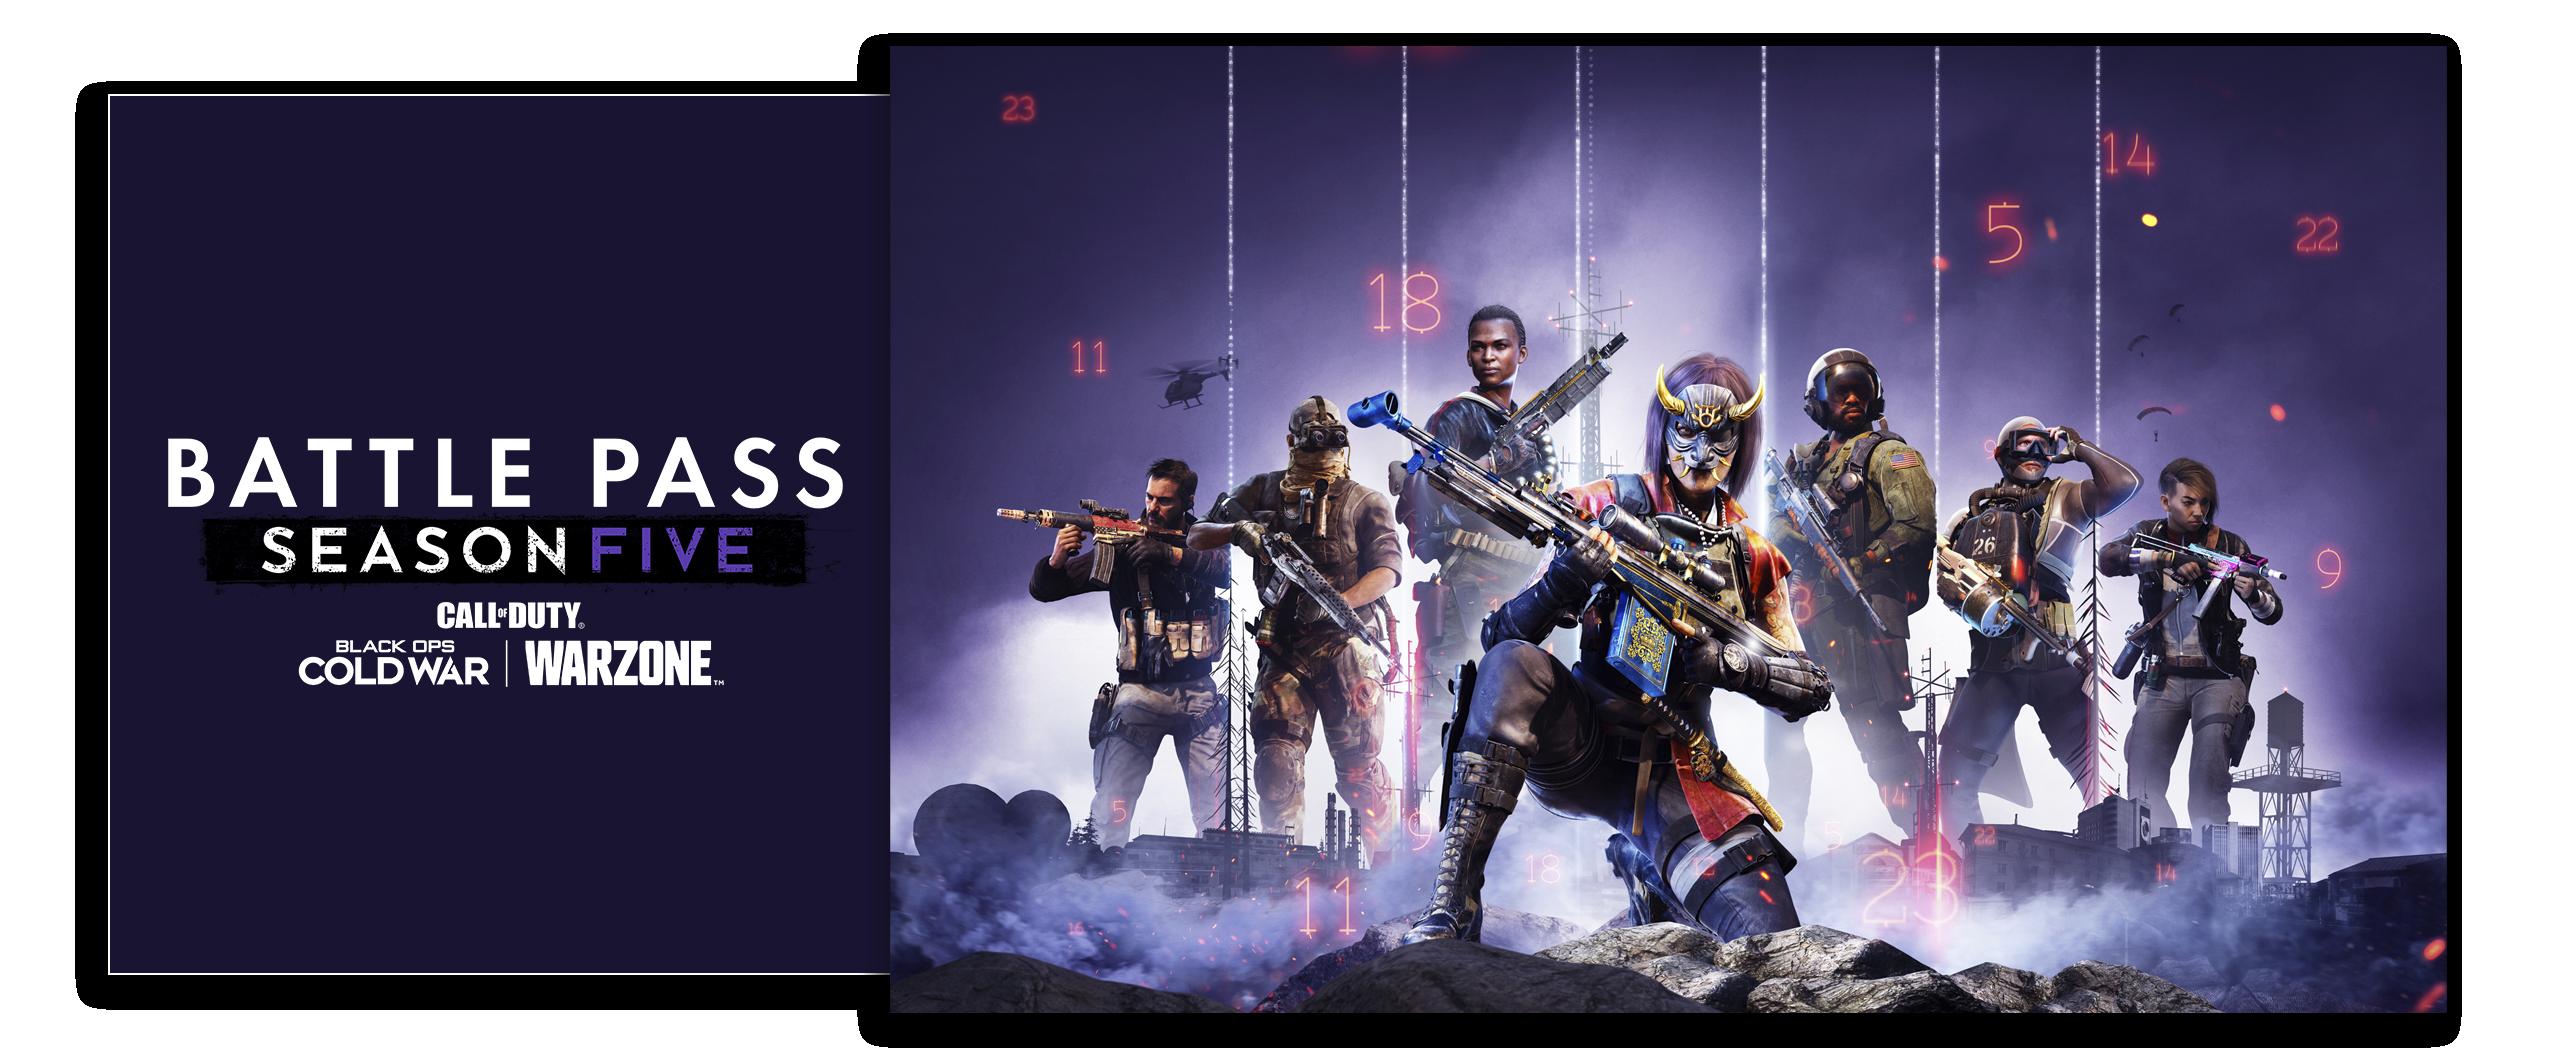 Call of Duty Black Ops Cold War Season 5 Battle Pass artwork